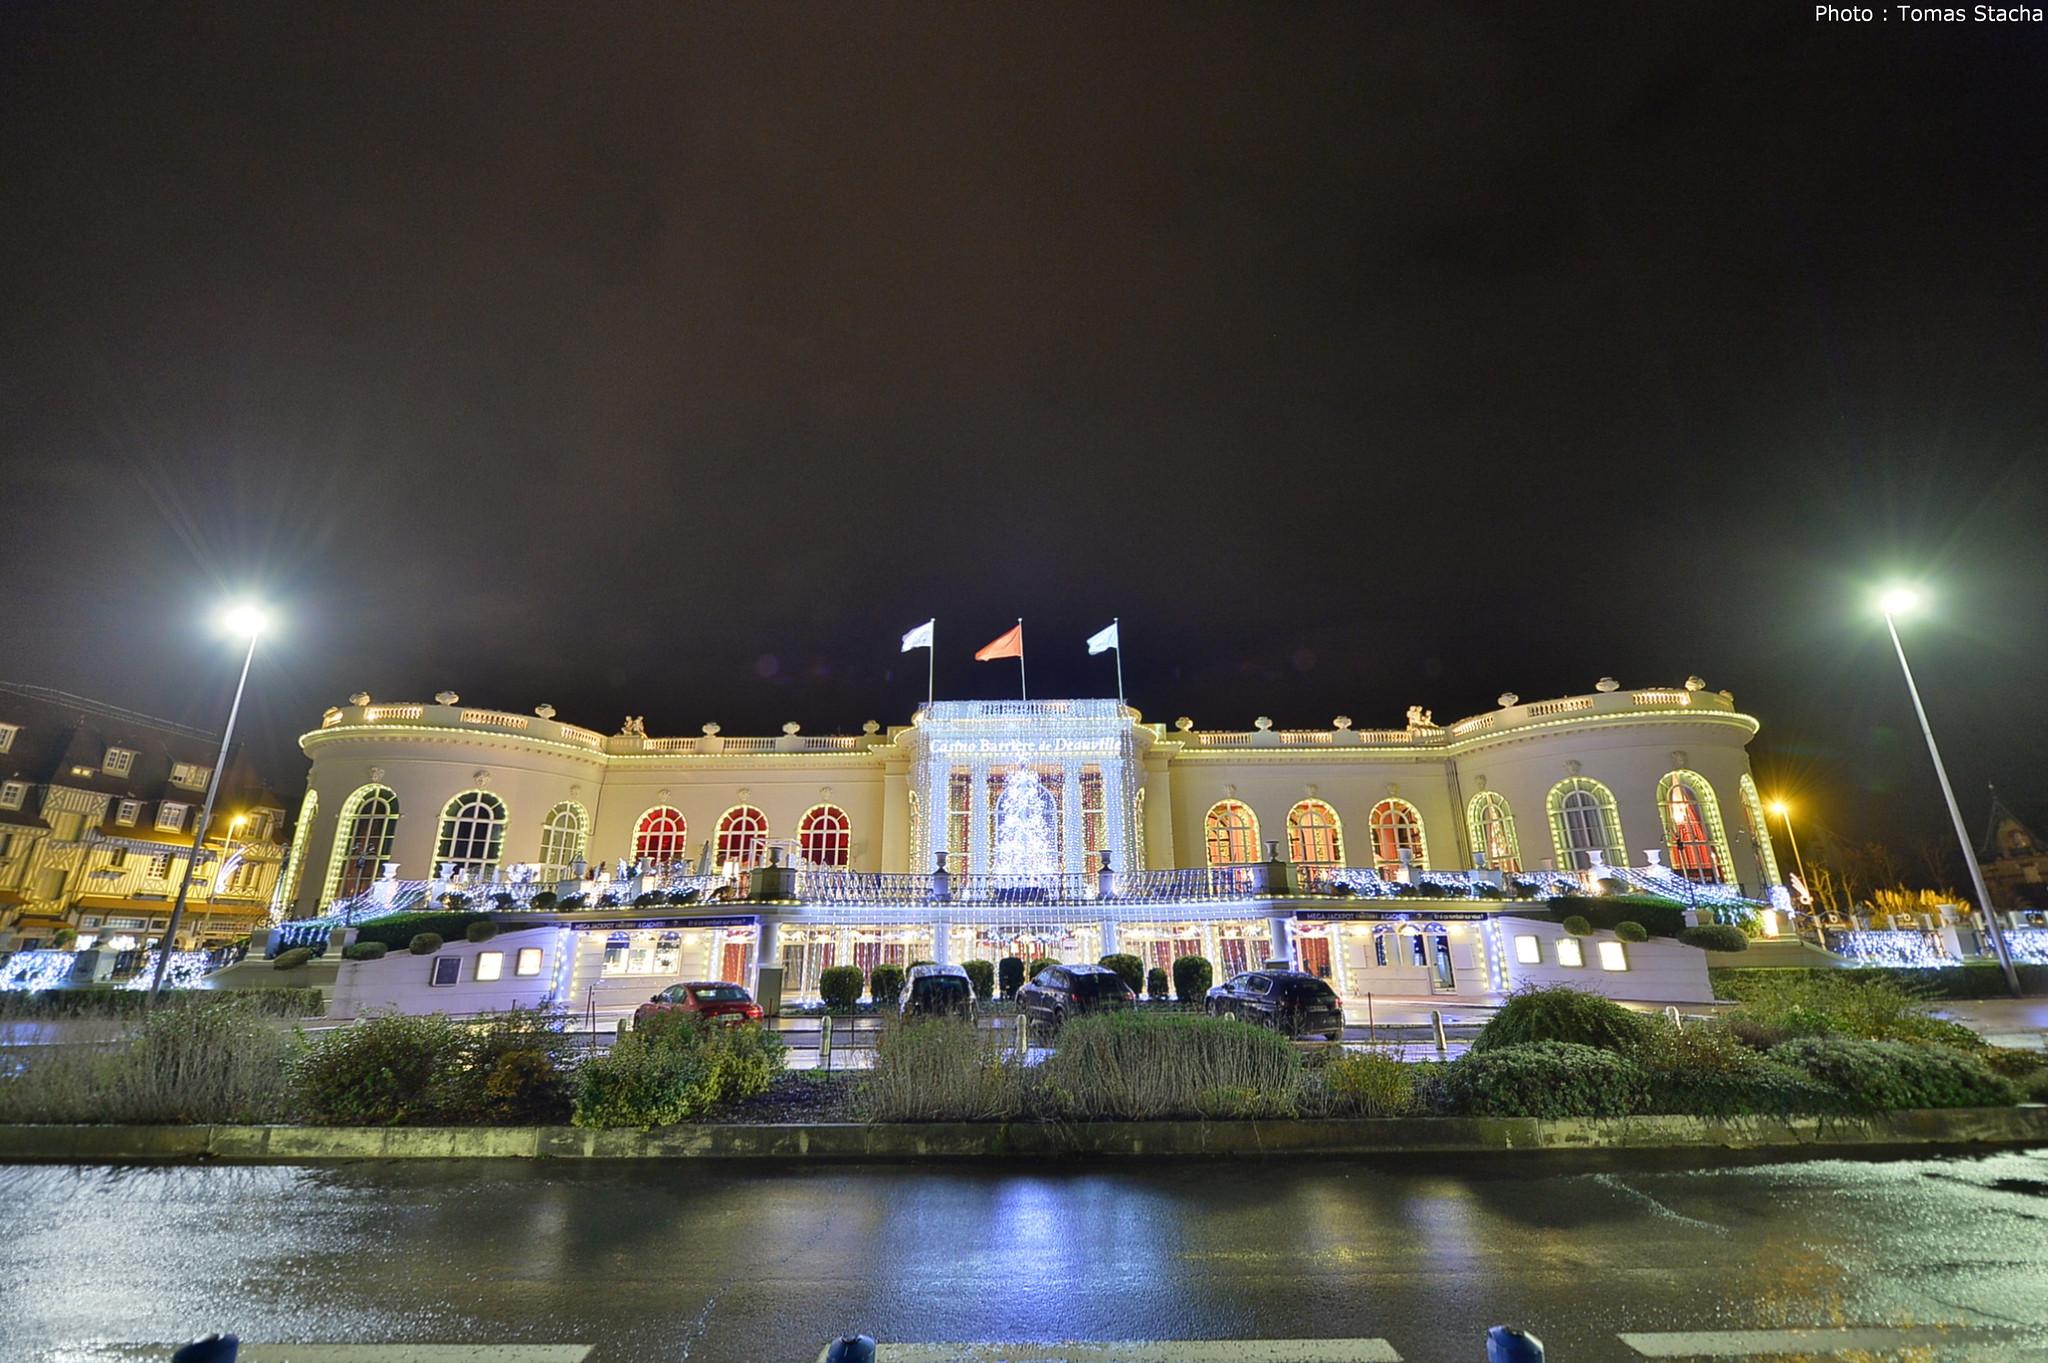 Les casinos vont rouvrir à partir du 2 juin